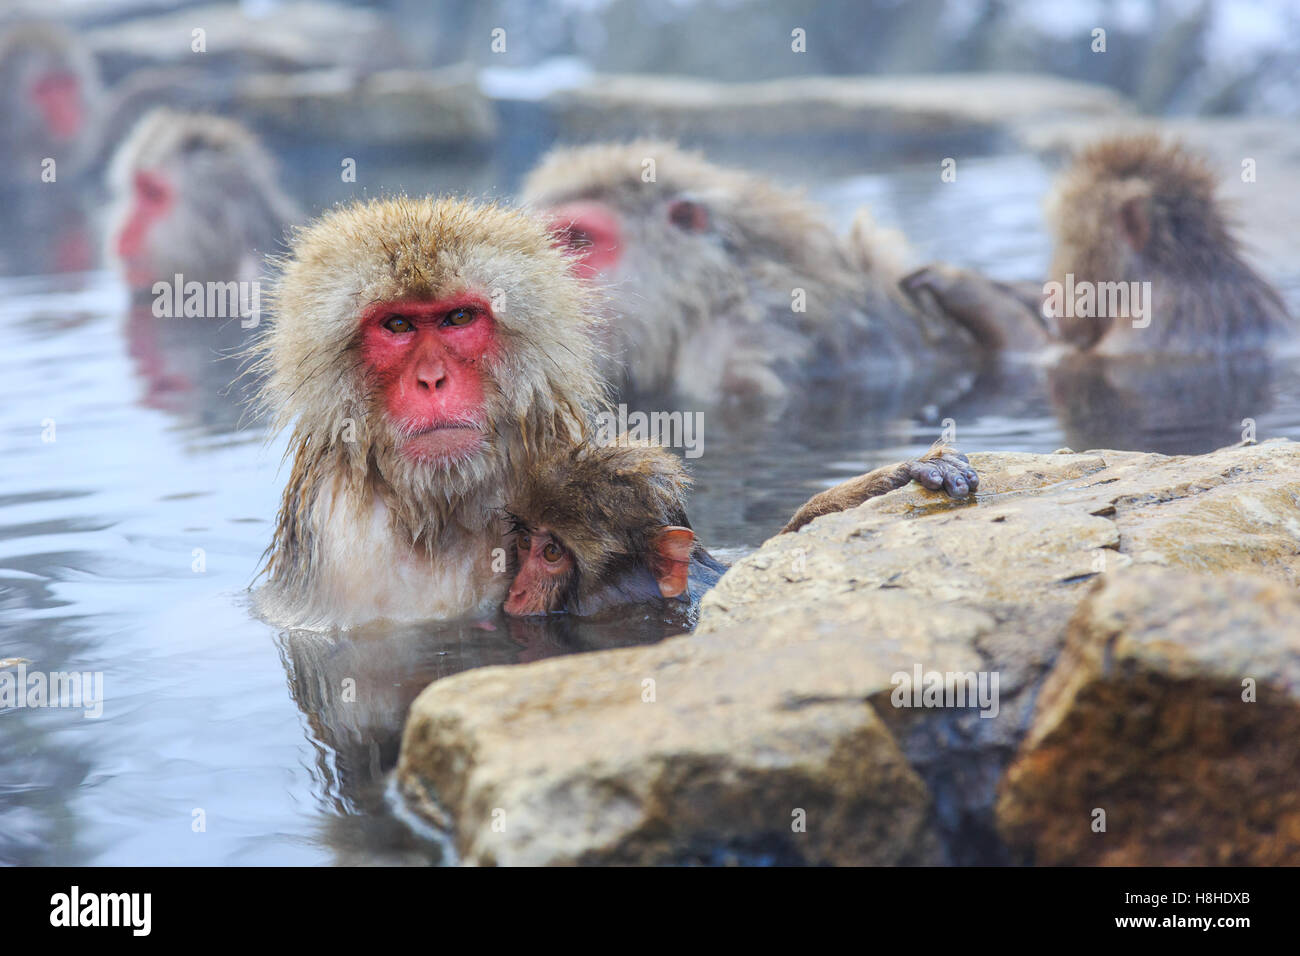 Affen in einem natürlichen Onsen (heiße Quelle), befindet sich in Jigokudani Park, Yudanaka Schnee. Nagano, Stockbild